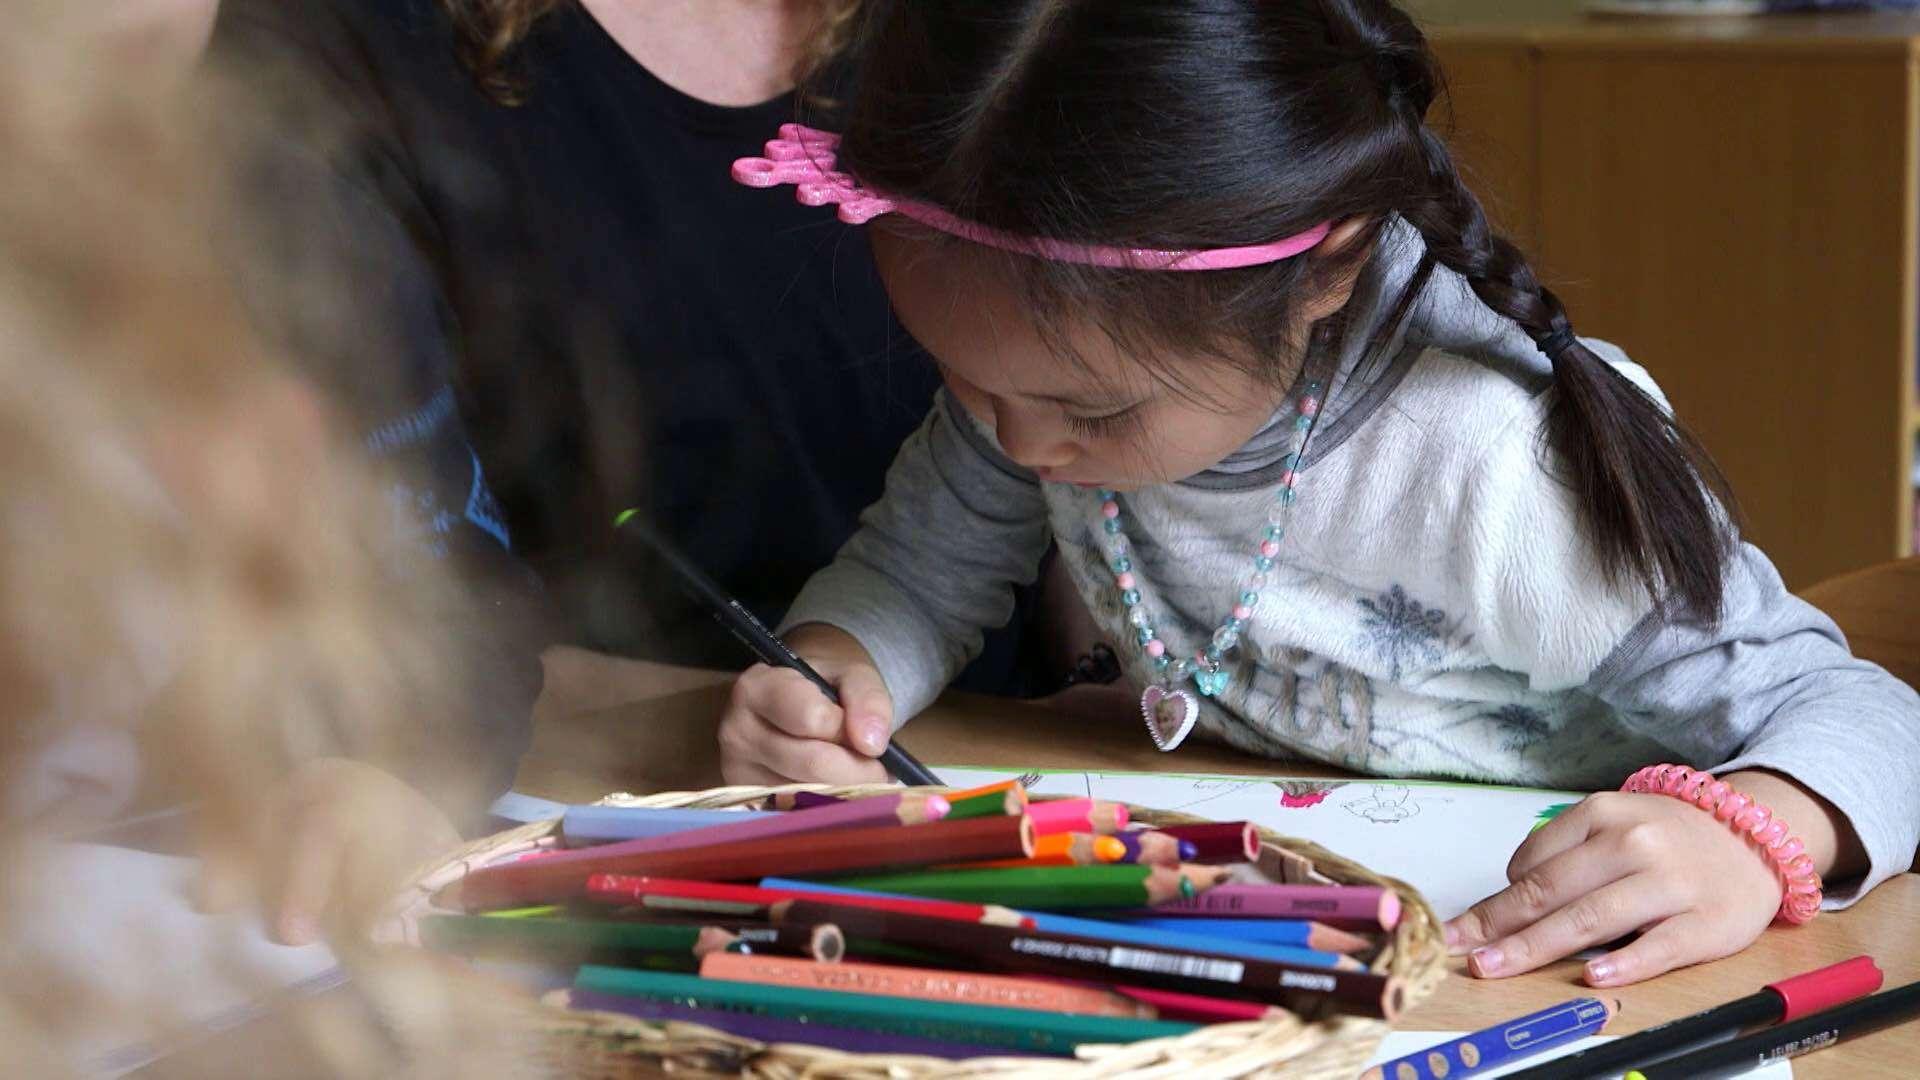 Ein kleines Mädchen hat viele Buntstifte vor sich liegen und malt ein Bild aus